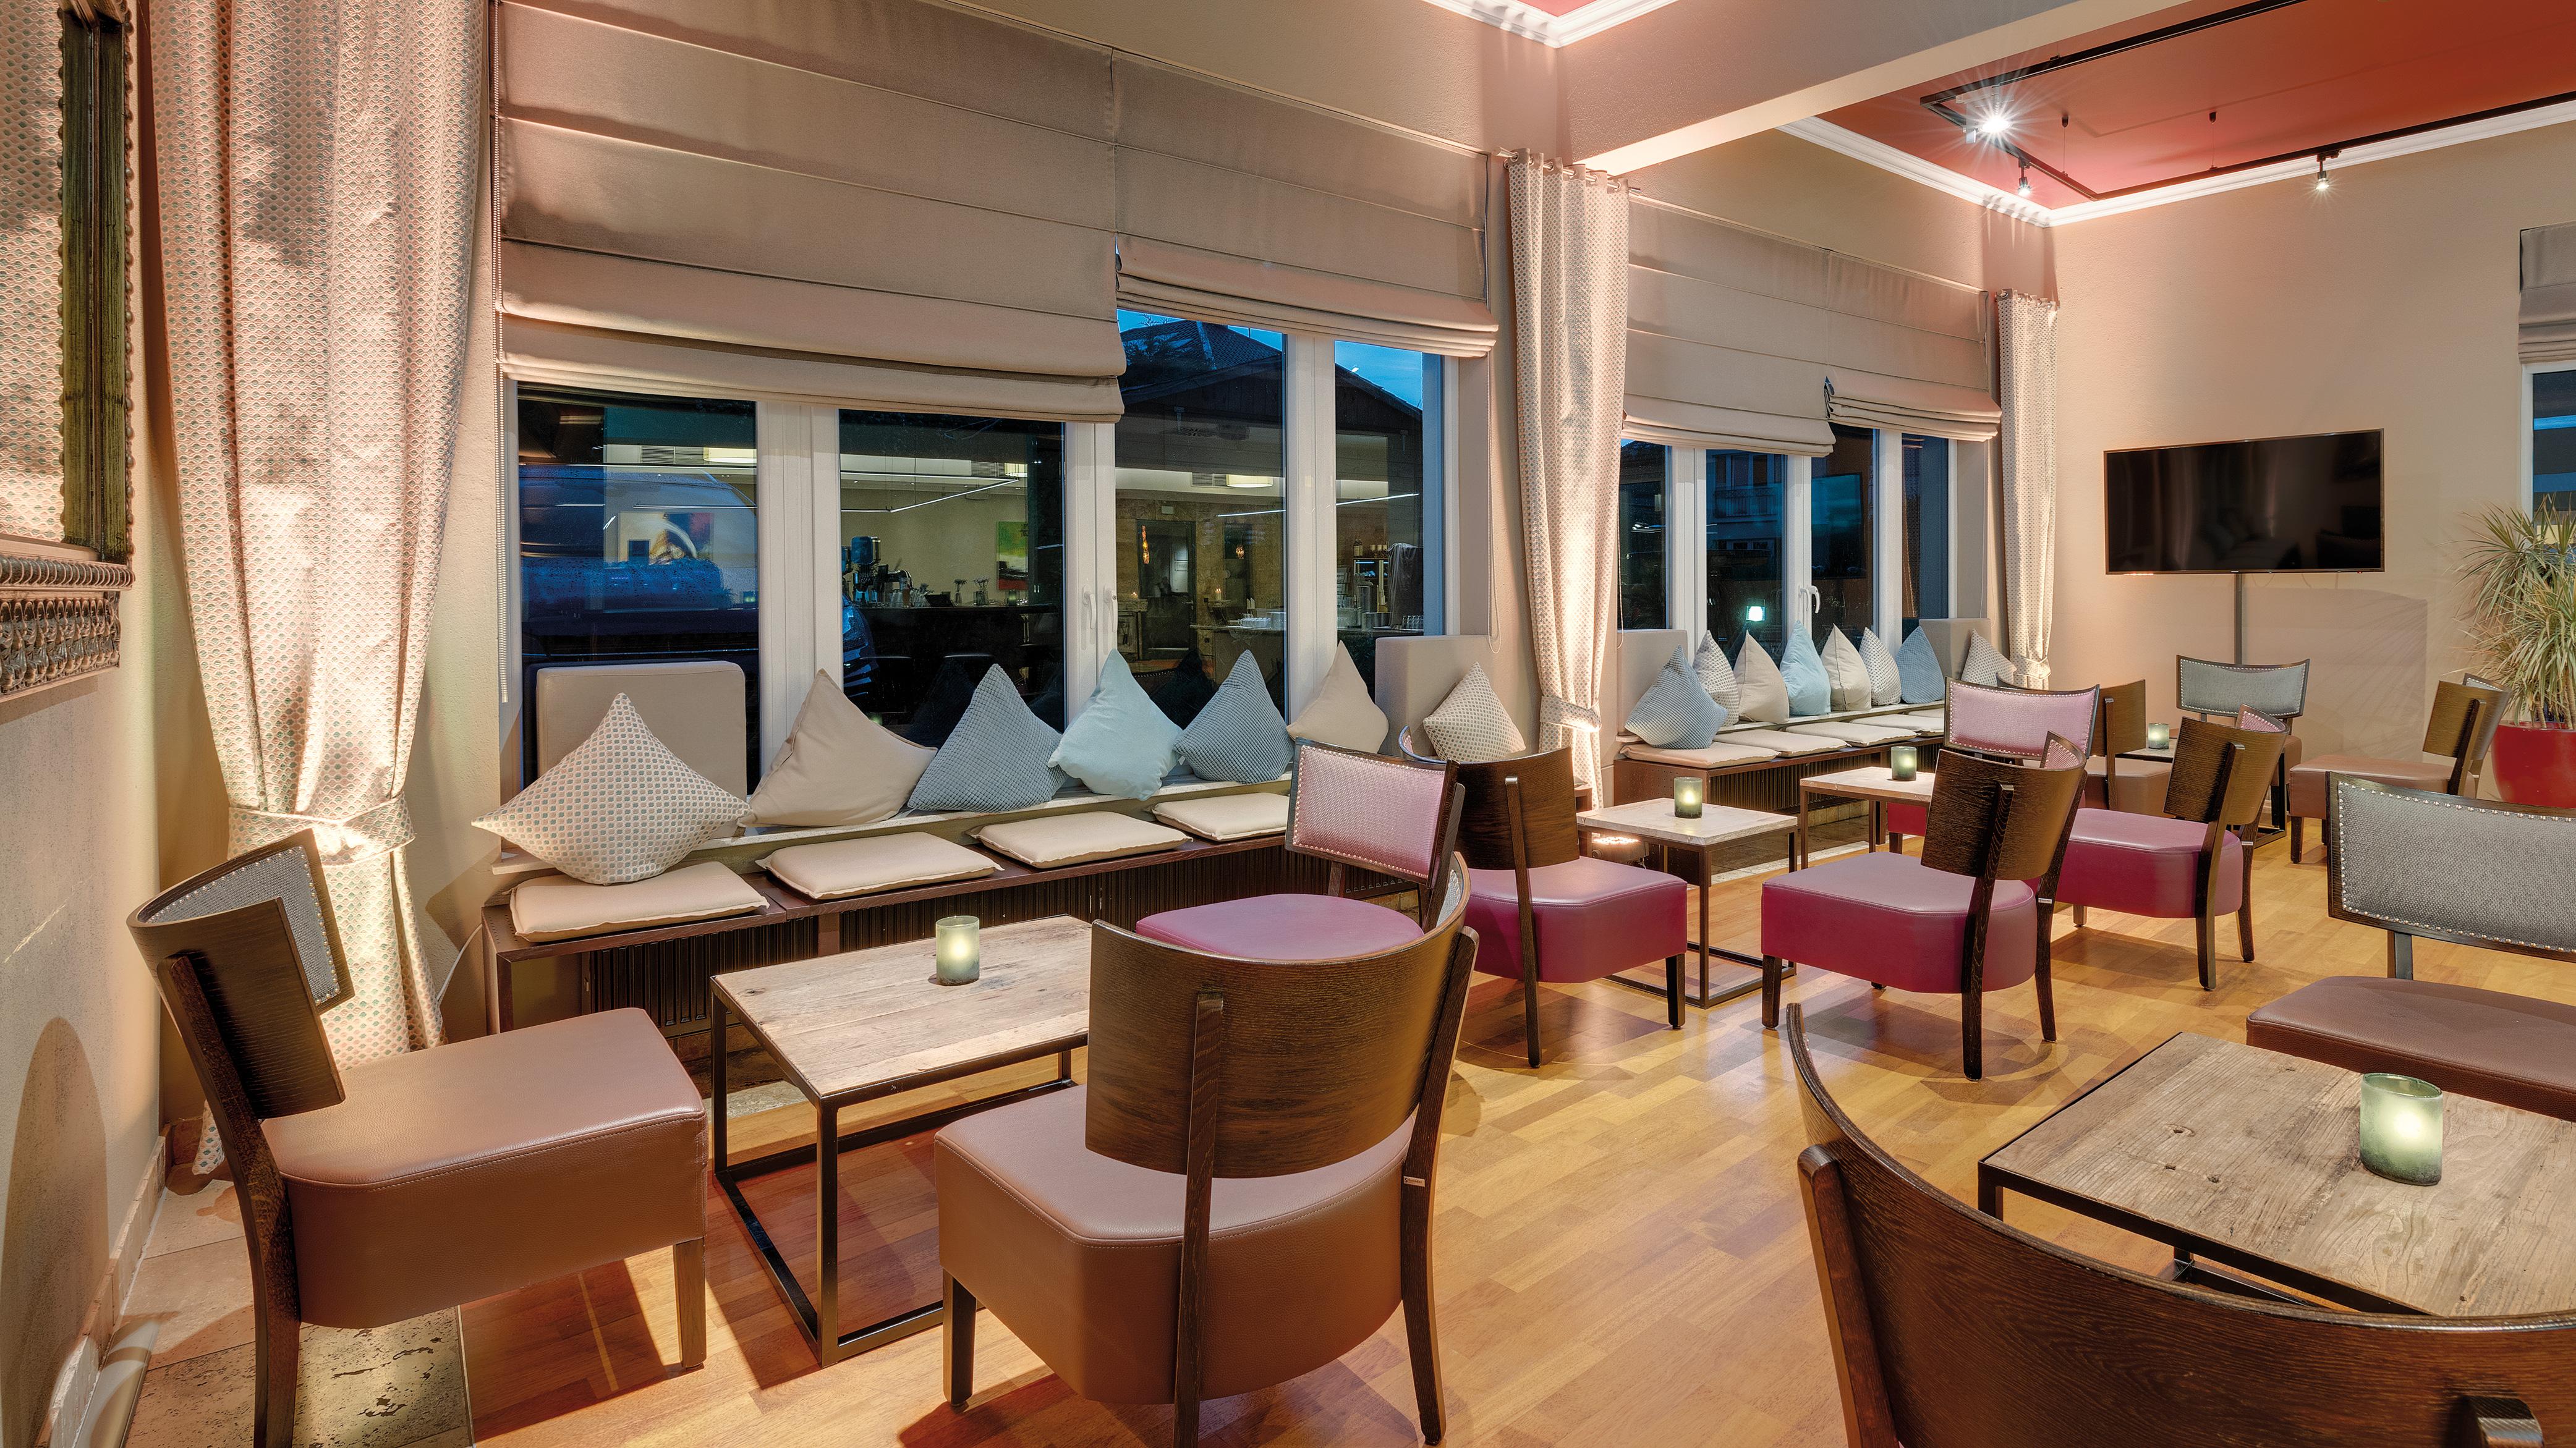 Hotel Villa Medici Dining